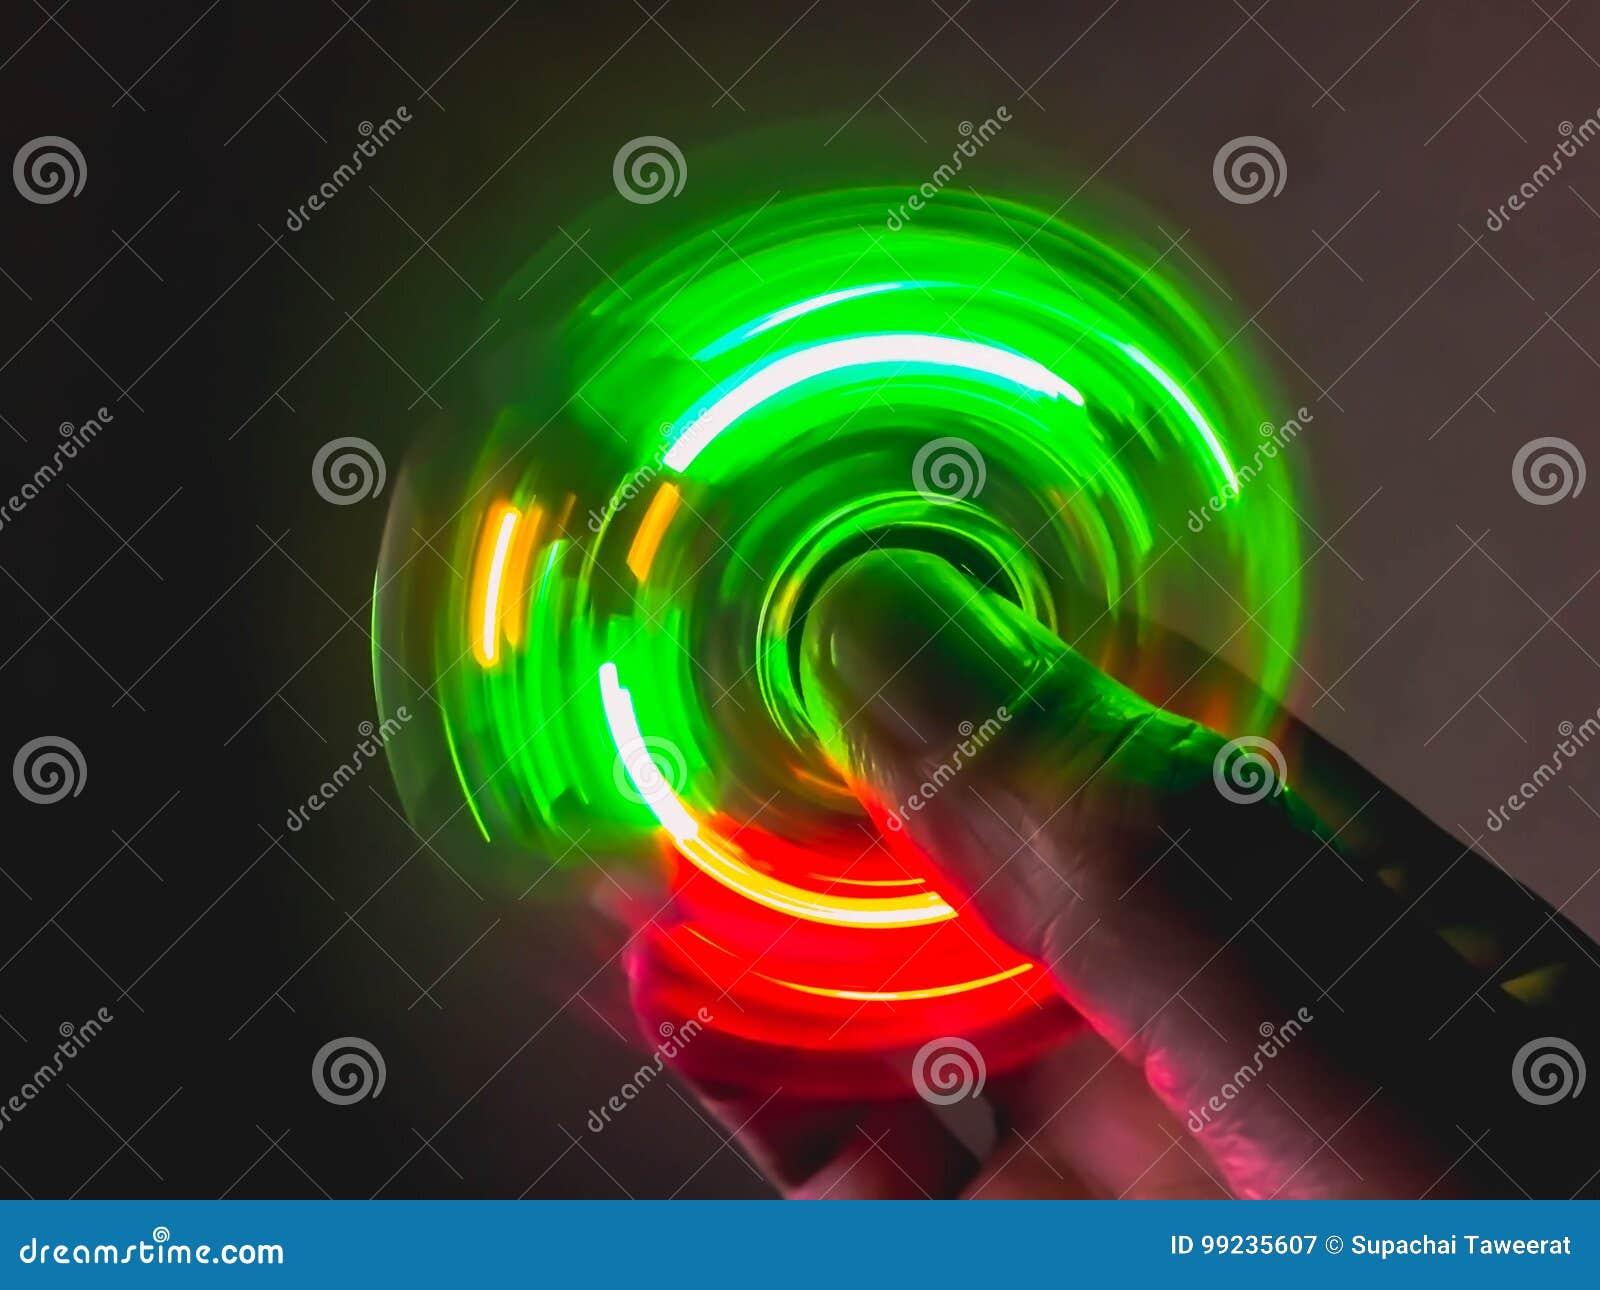 Light spinning on hand